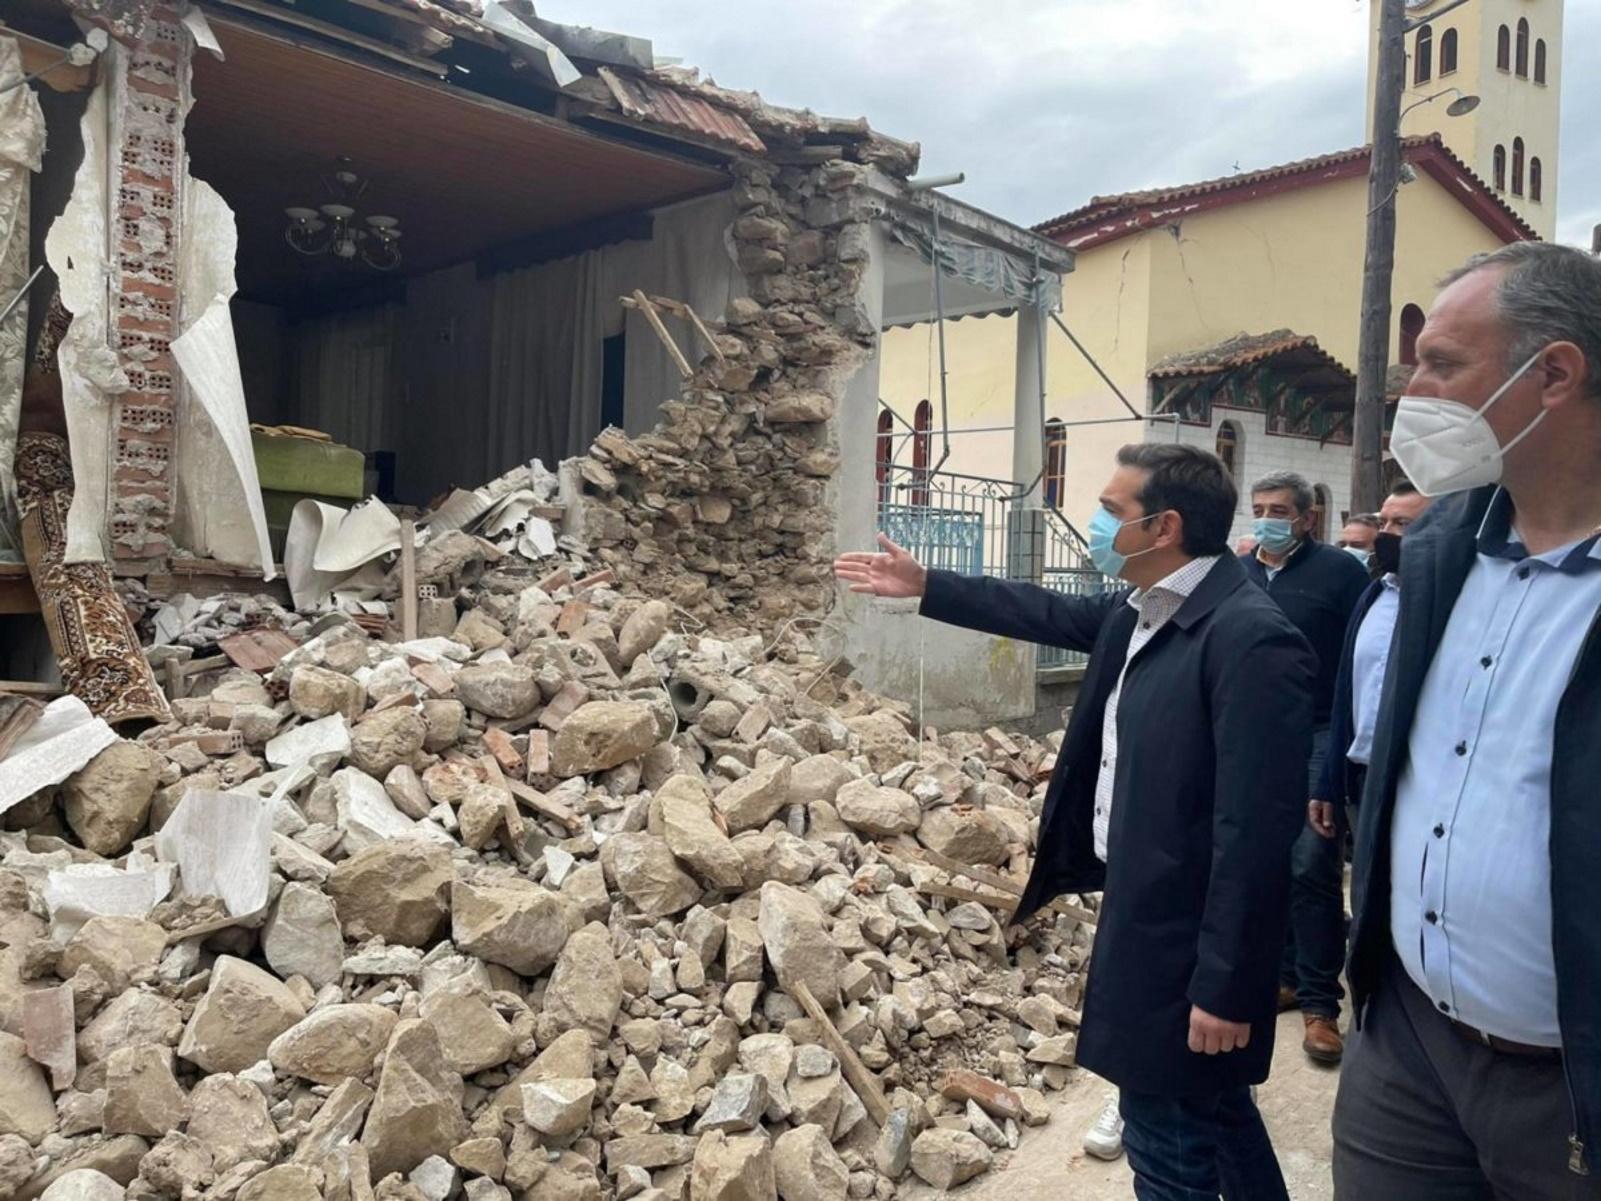 Σεισμός στην Ελασσόνα: Στο κατεστραμμένο Δαμάσι ο Αλέξης Τσίπρας (pics, vid)